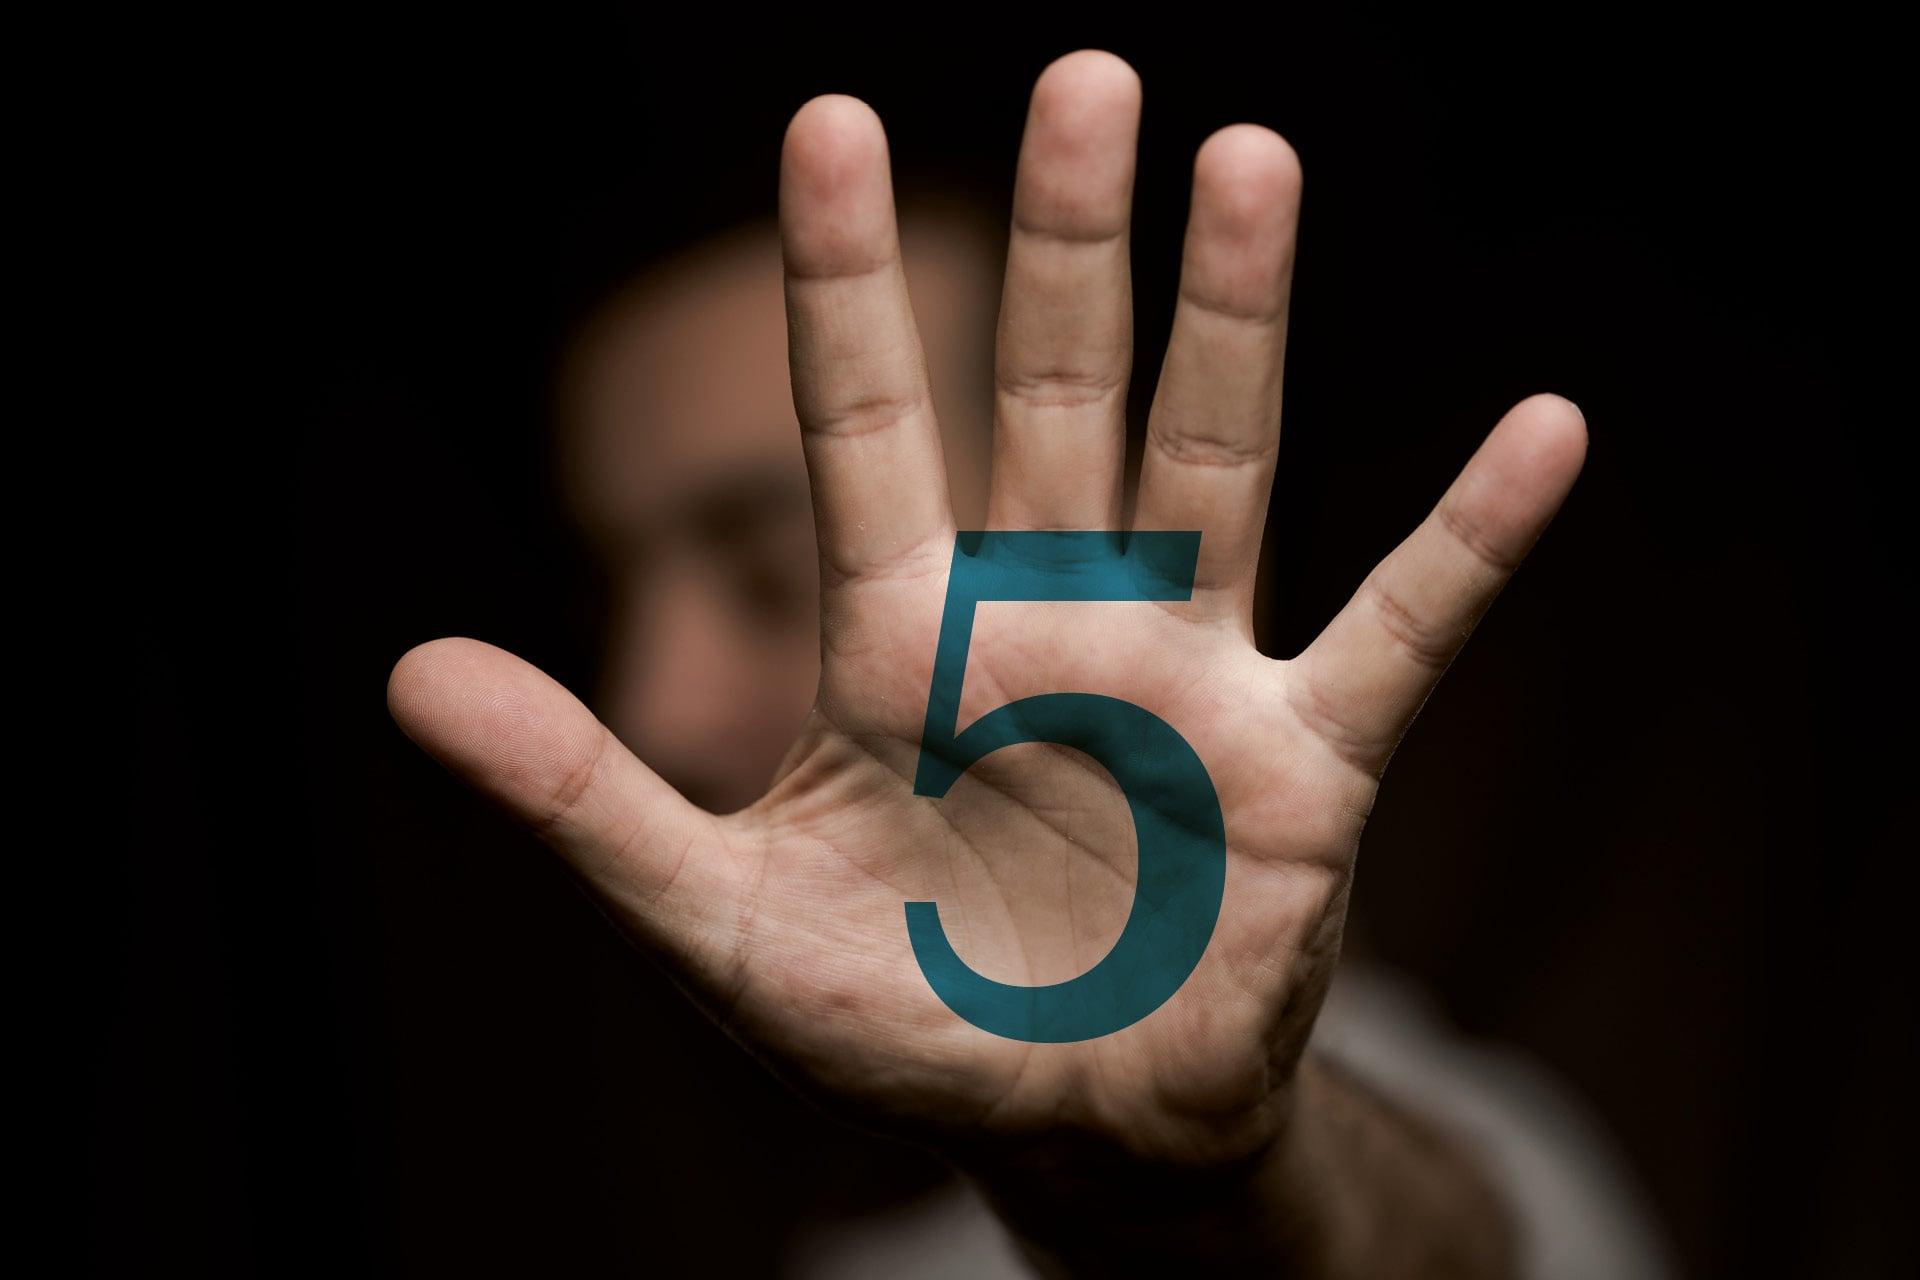 Emeperor Hand 5cm